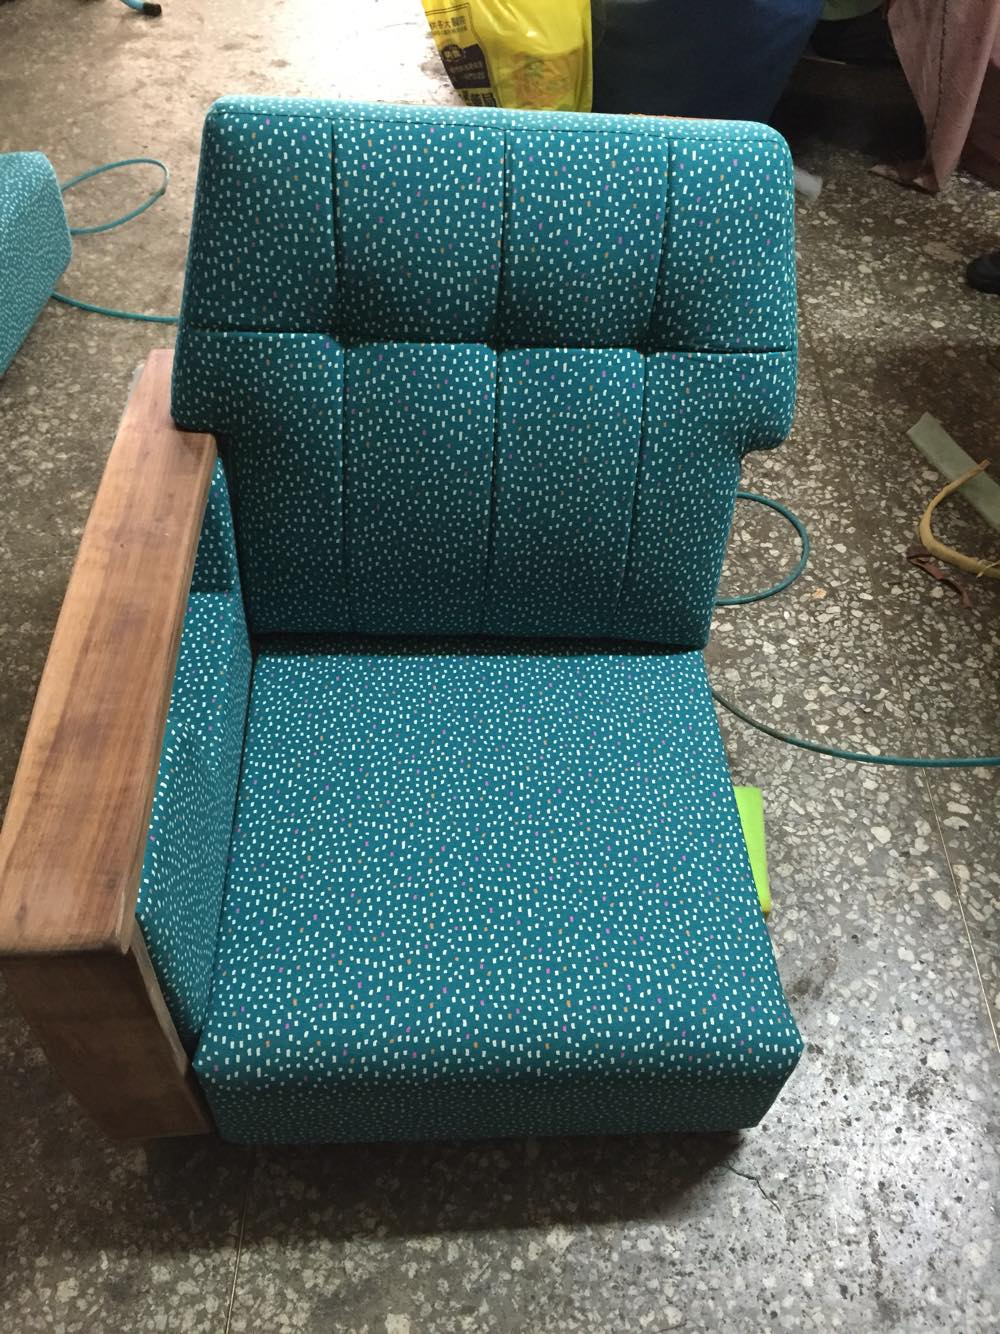 『修理職人專欄』修理人日誌-日本布藍綠色復古點點單人老沙發